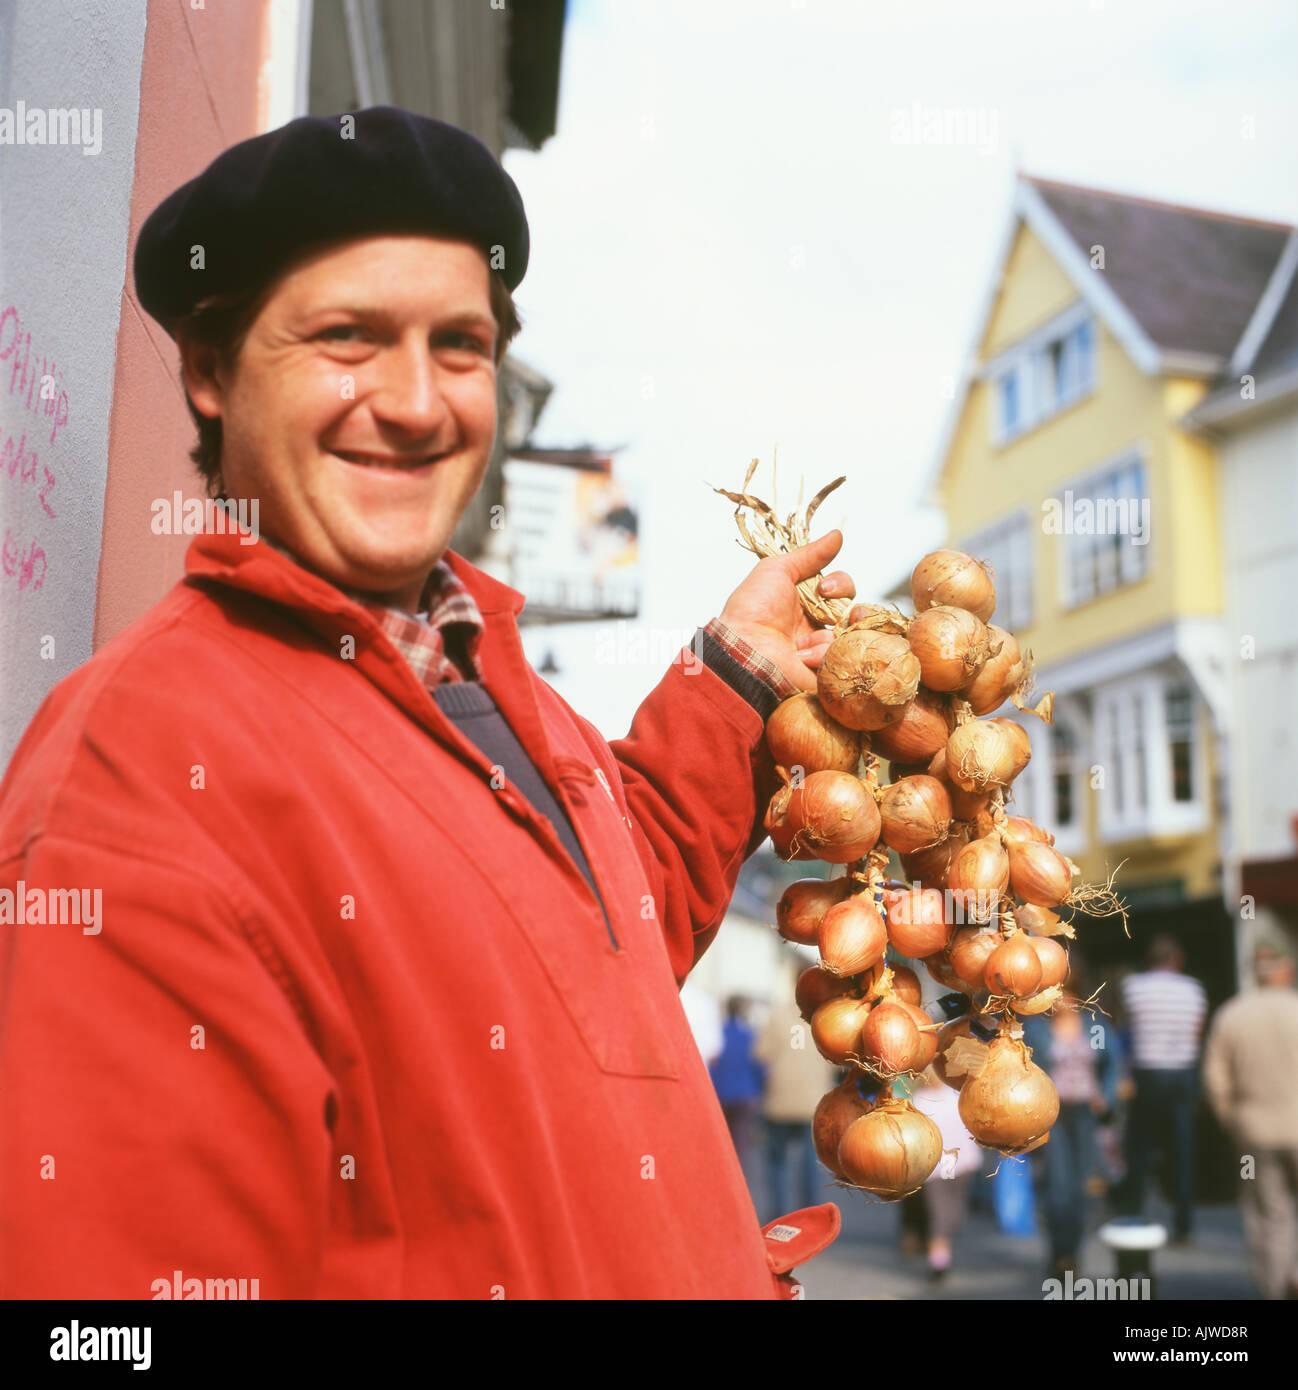 Vendedor de cebollas francesa llevaba una boina negra y roja de plies smock  su comercio vendiendo e71c1df6906